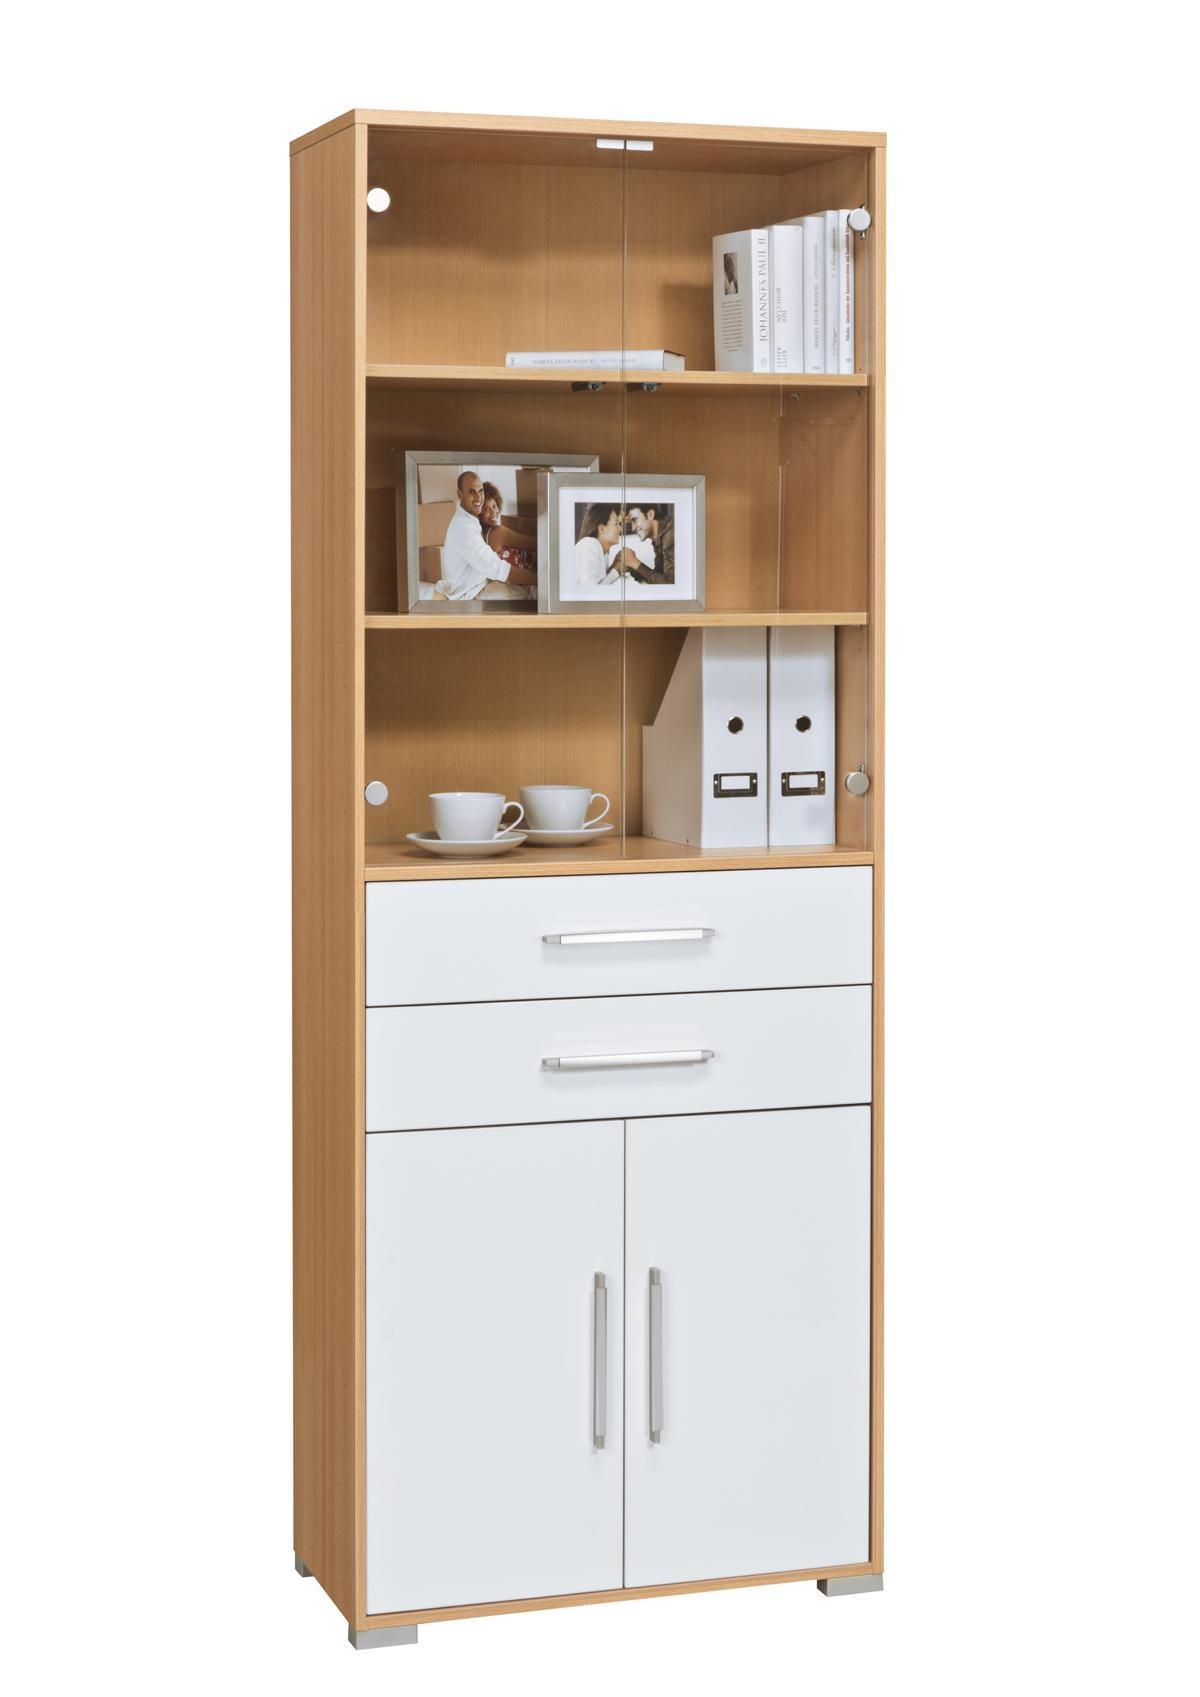 schrank mod mj429 buche wei hochglanz h c m bel. Black Bedroom Furniture Sets. Home Design Ideas